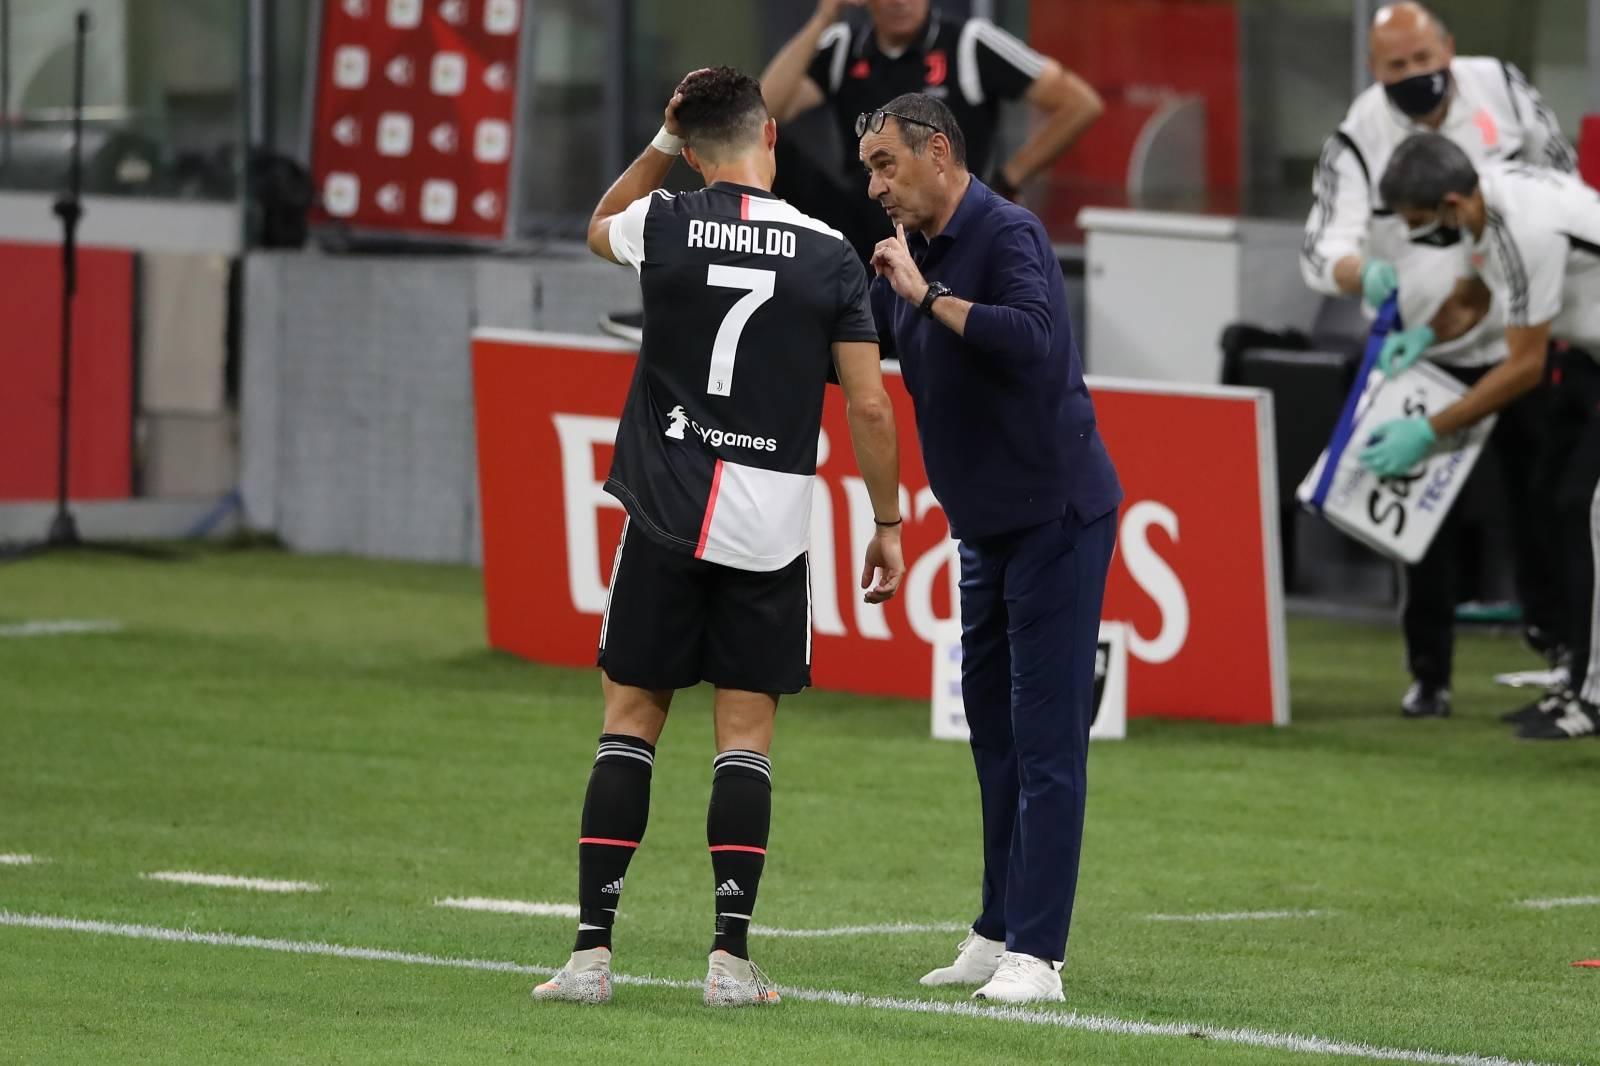 AC Milan v Juventus - Serie A - Giuseppe Meazza